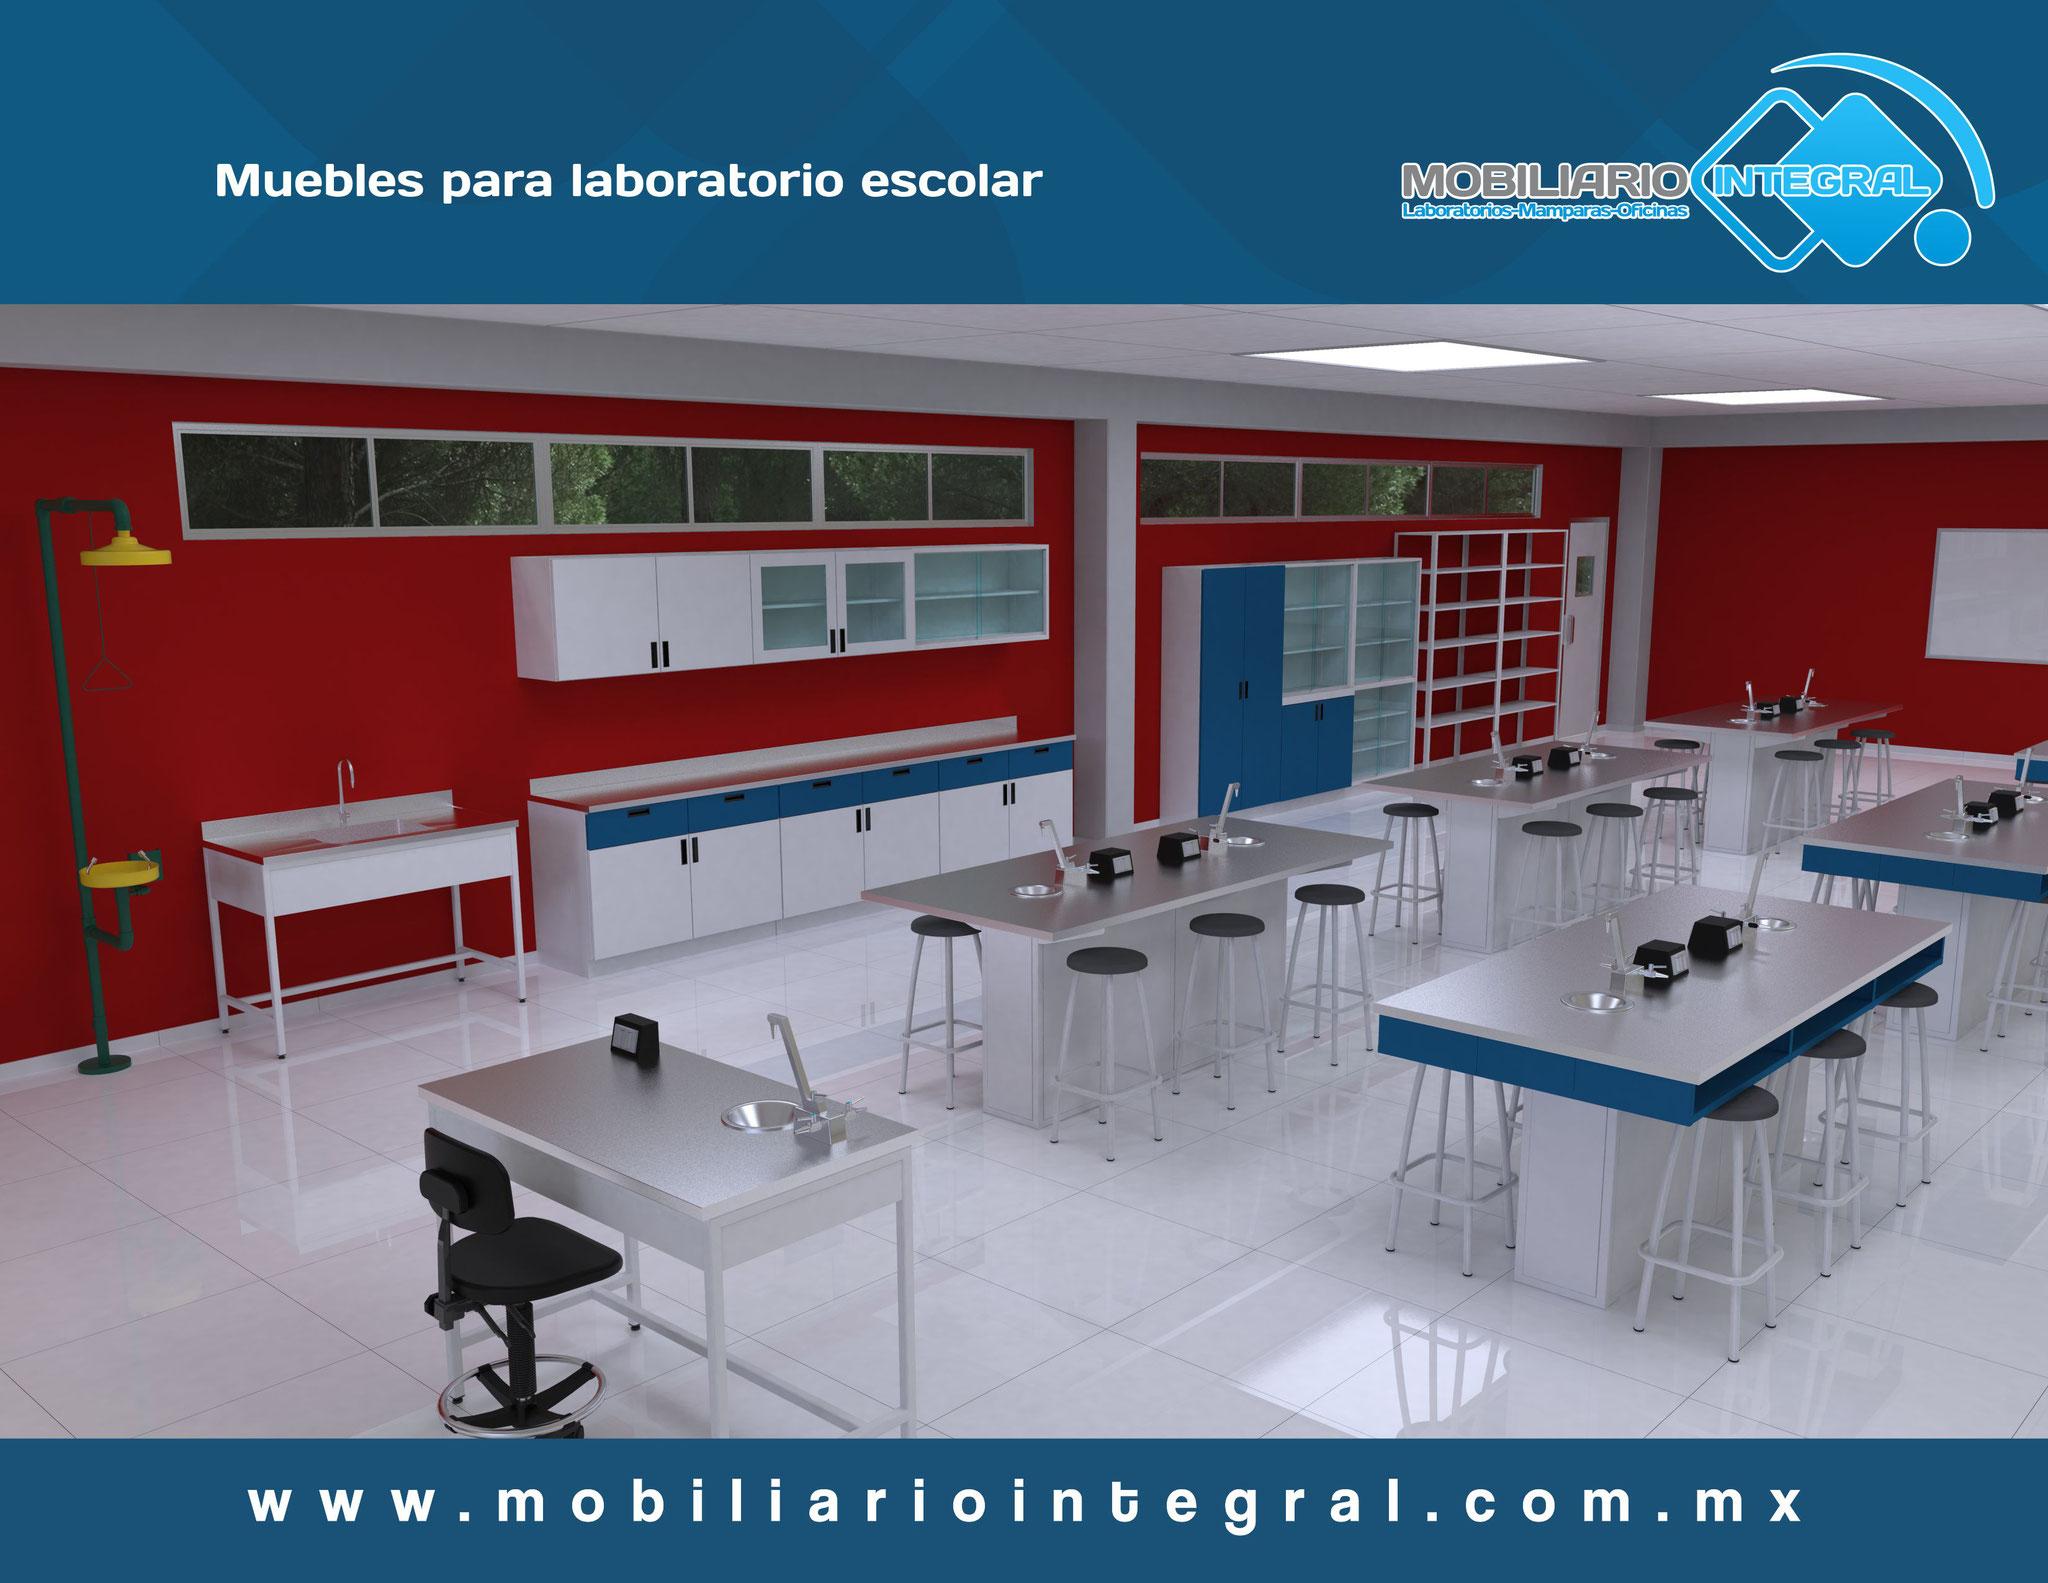 Muebles para laboratorio escolar Nuevo León